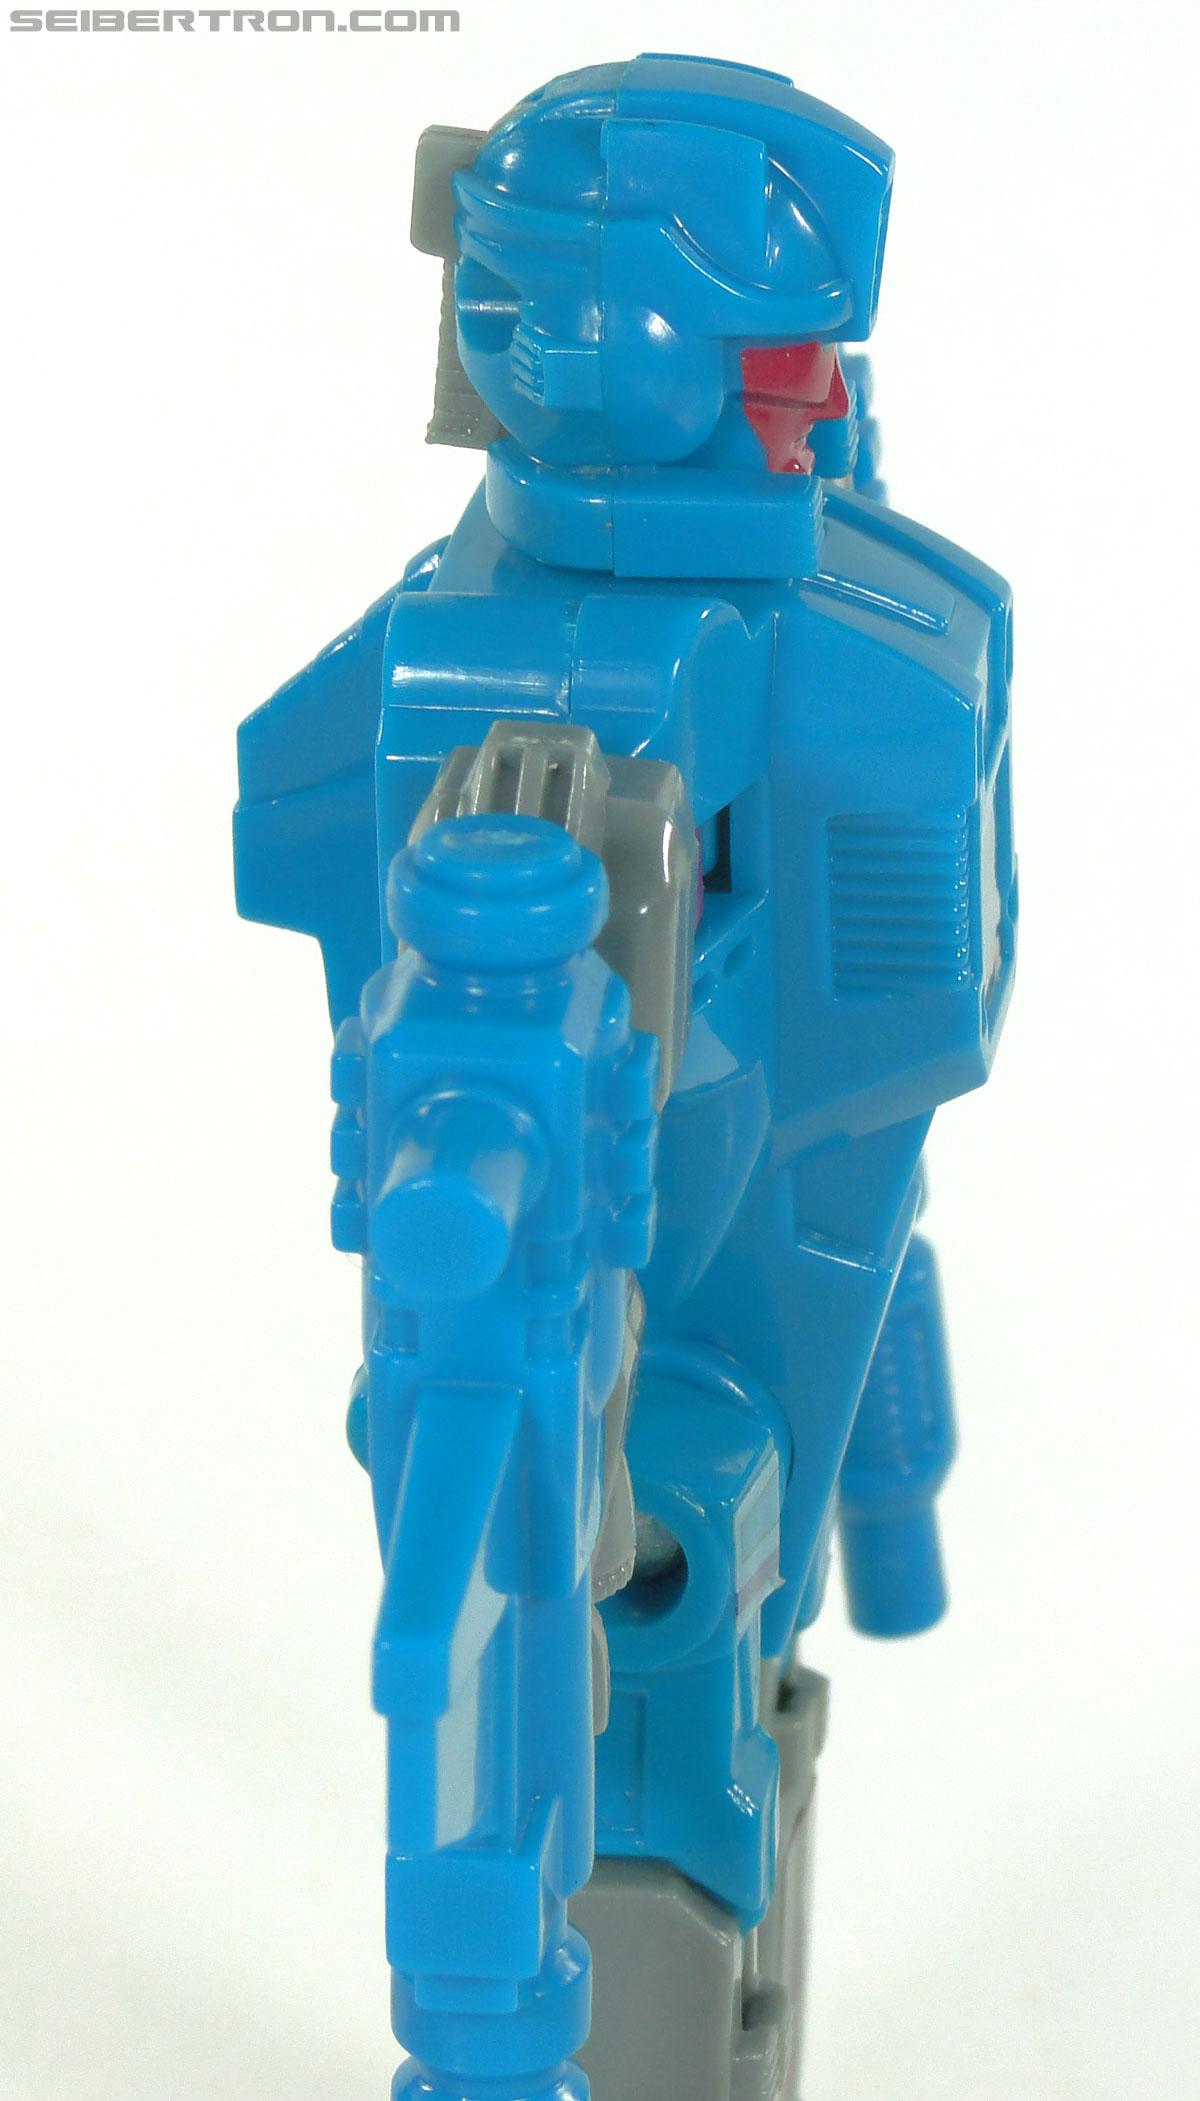 Transformers Super God Masterforce Bomb-Burst (Blood) (Image #106 of 169)